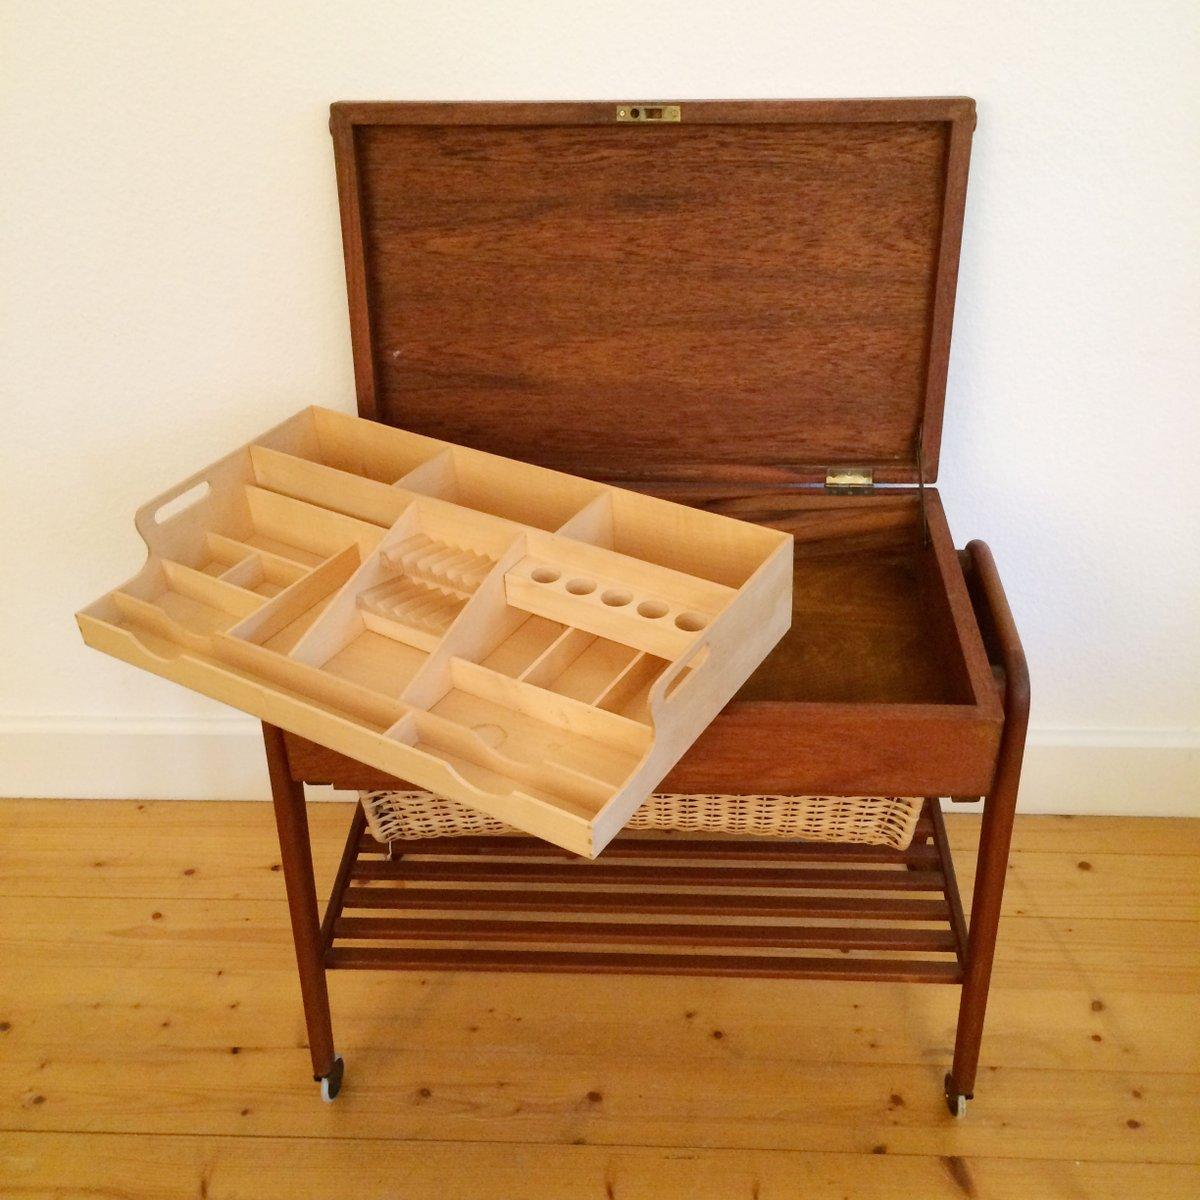 skandinavischer n hkasten aus holz bei pamono kaufen. Black Bedroom Furniture Sets. Home Design Ideas